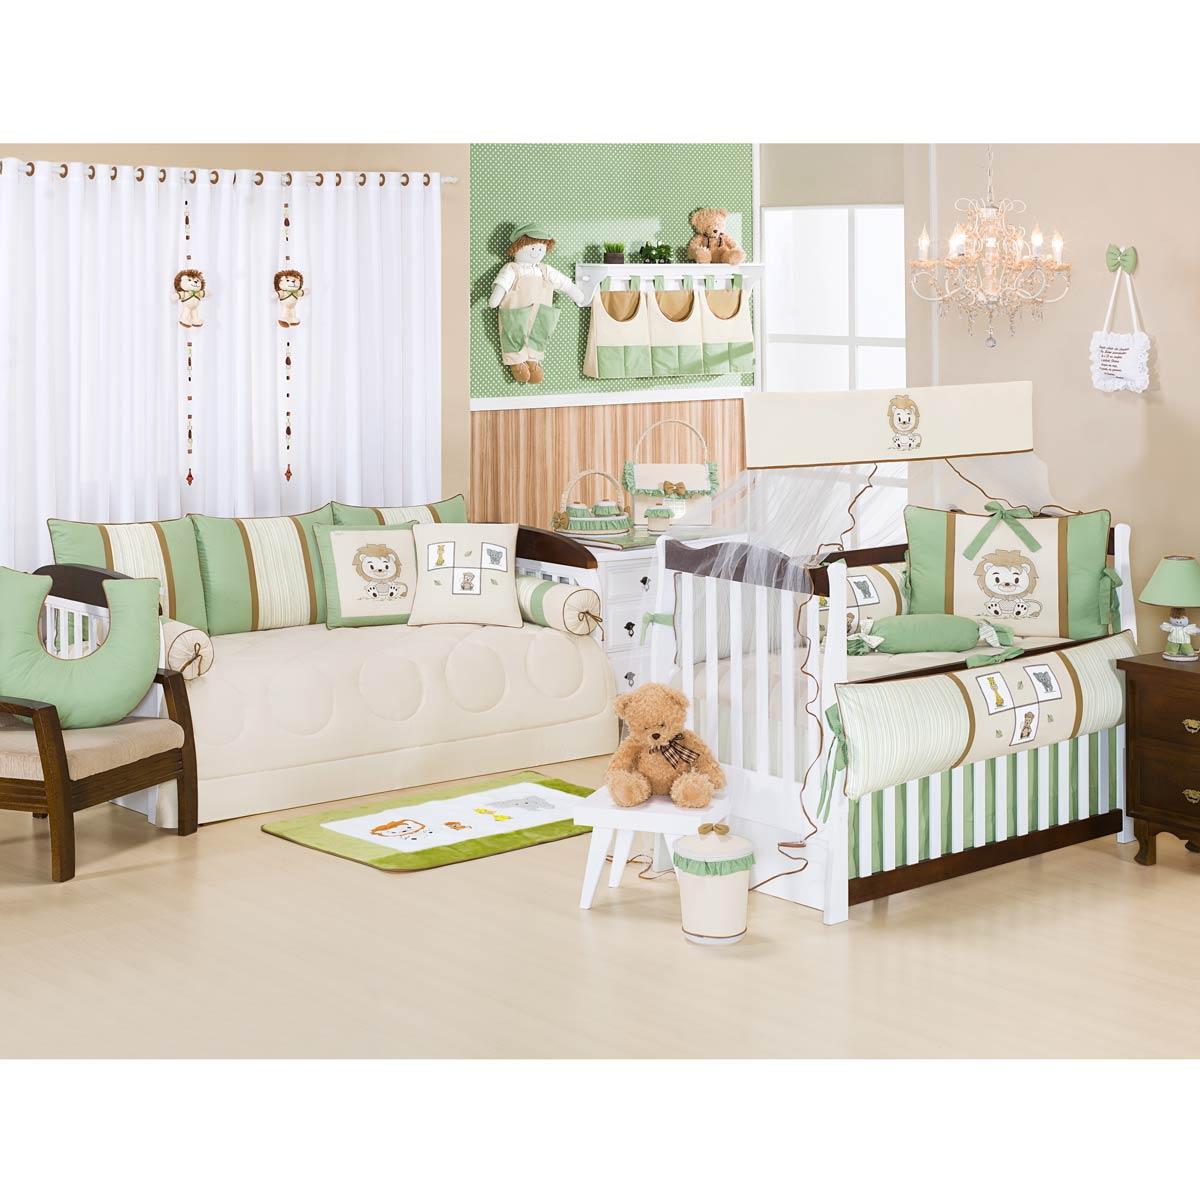 Kit Acessórios com Abajur, Cesta e Potes - Coleção Leãozinho Baby